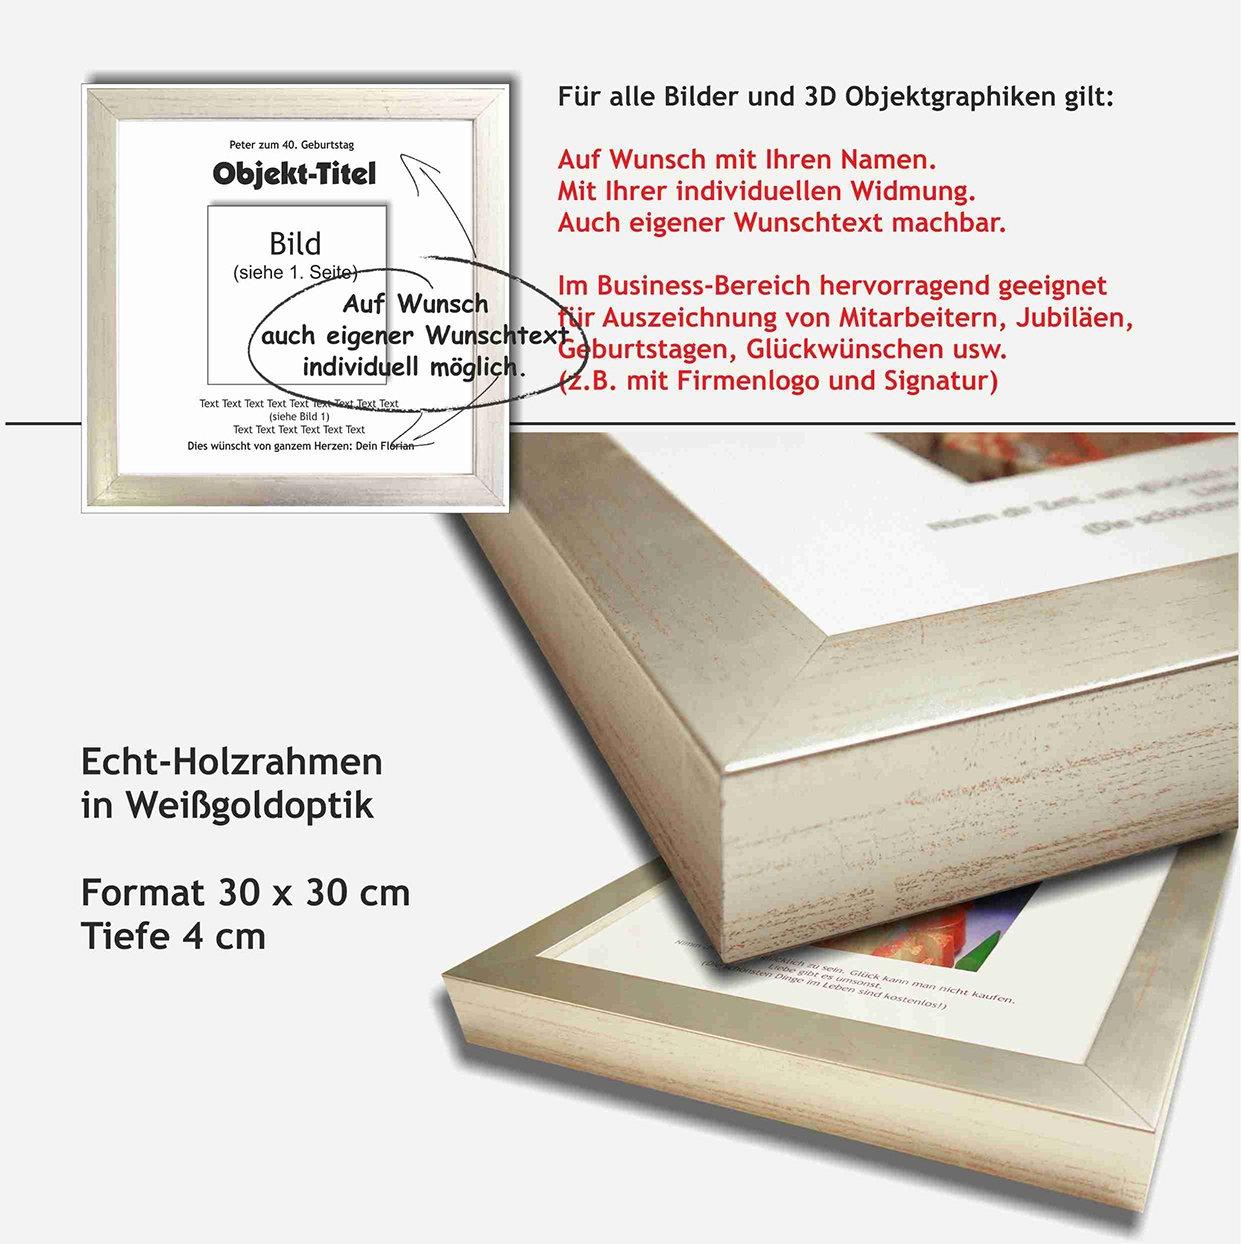 Schlüssel zum Erfolg. 3D Bild Collage und Objektgraphik. Kunst im ...